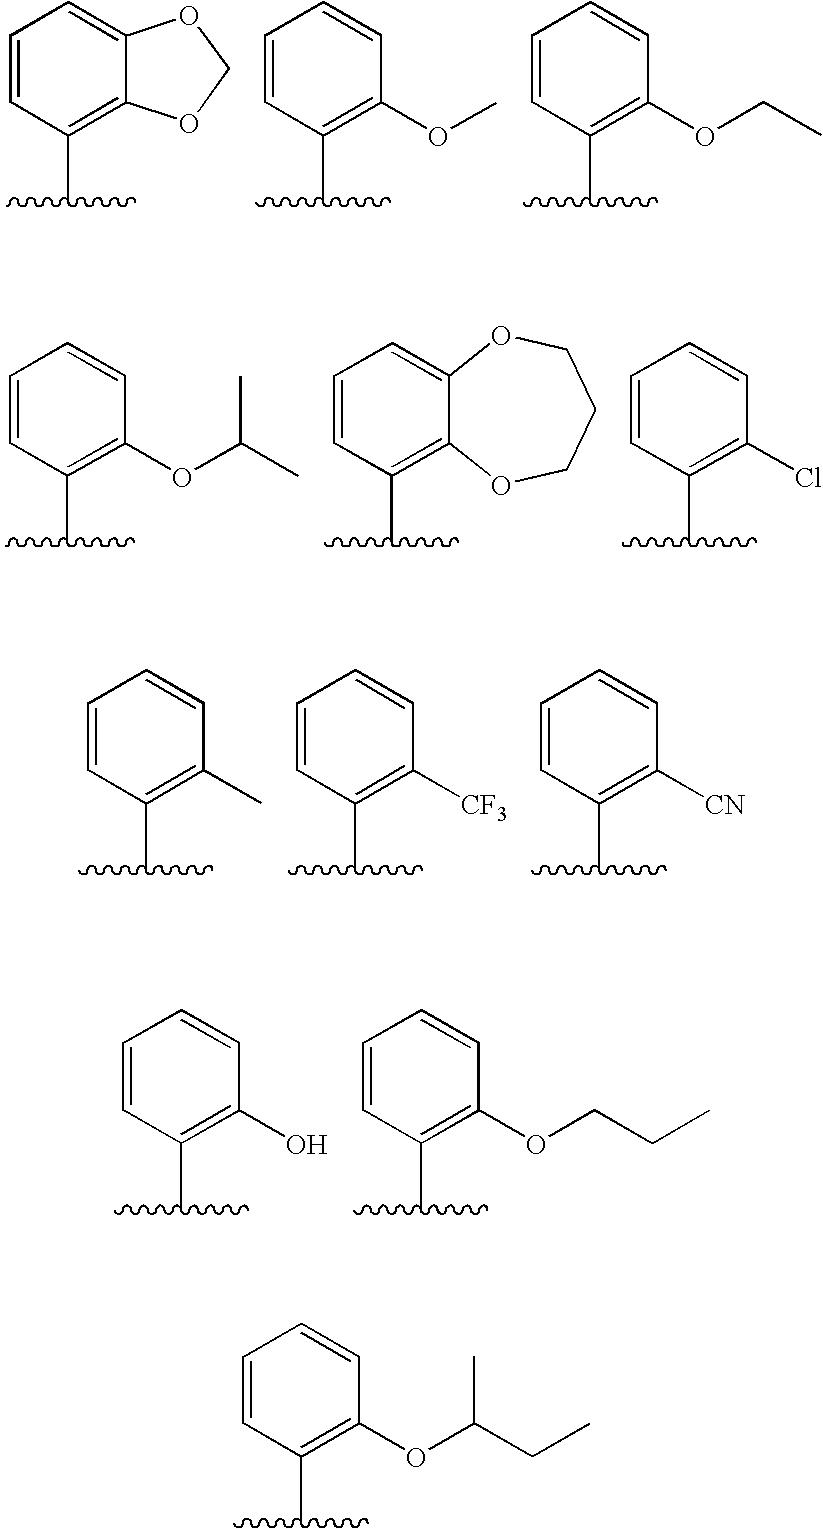 Figure US20100009983A1-20100114-C00197